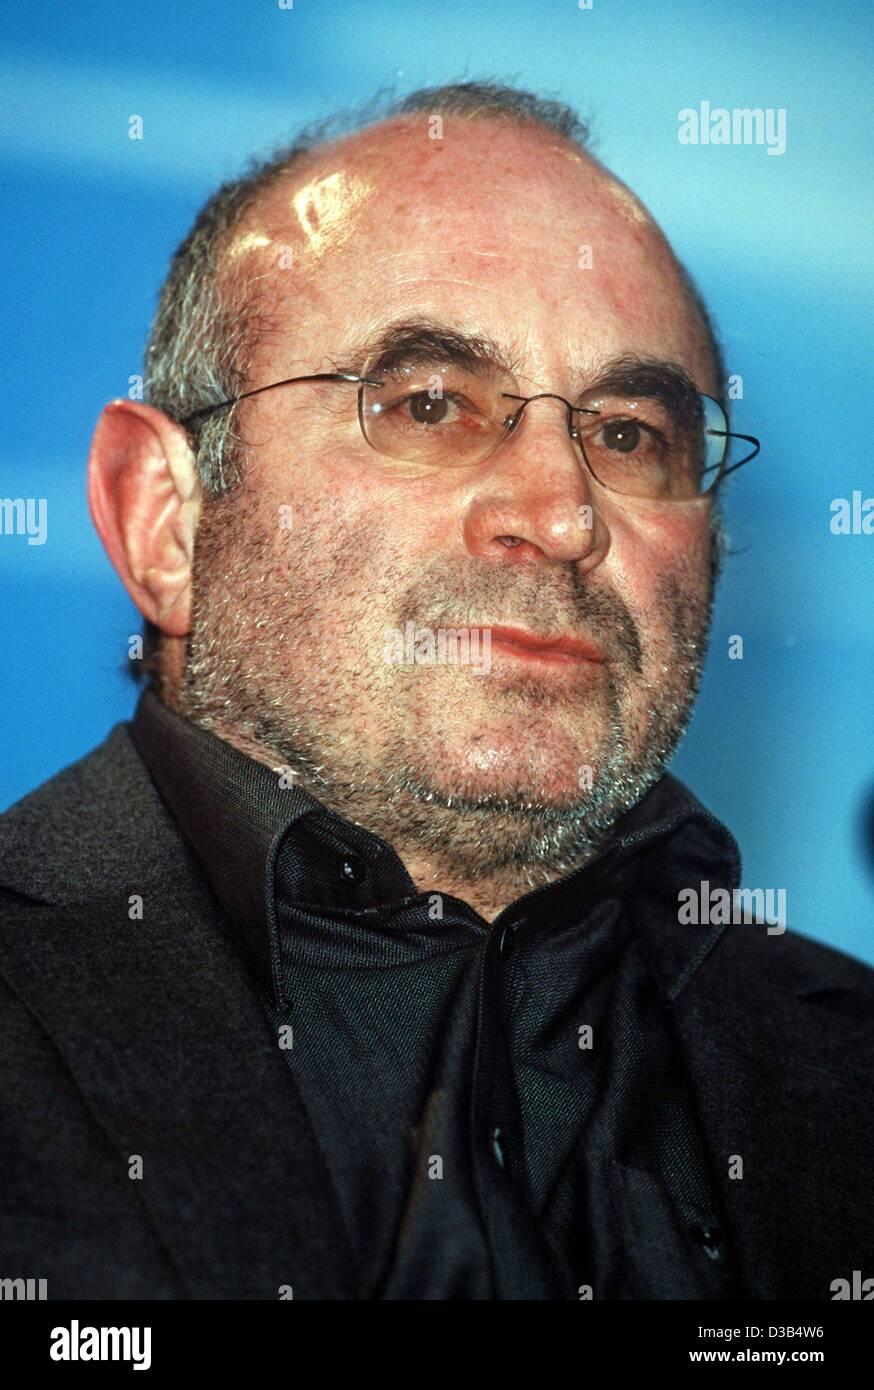 Bob Hoskins Beard